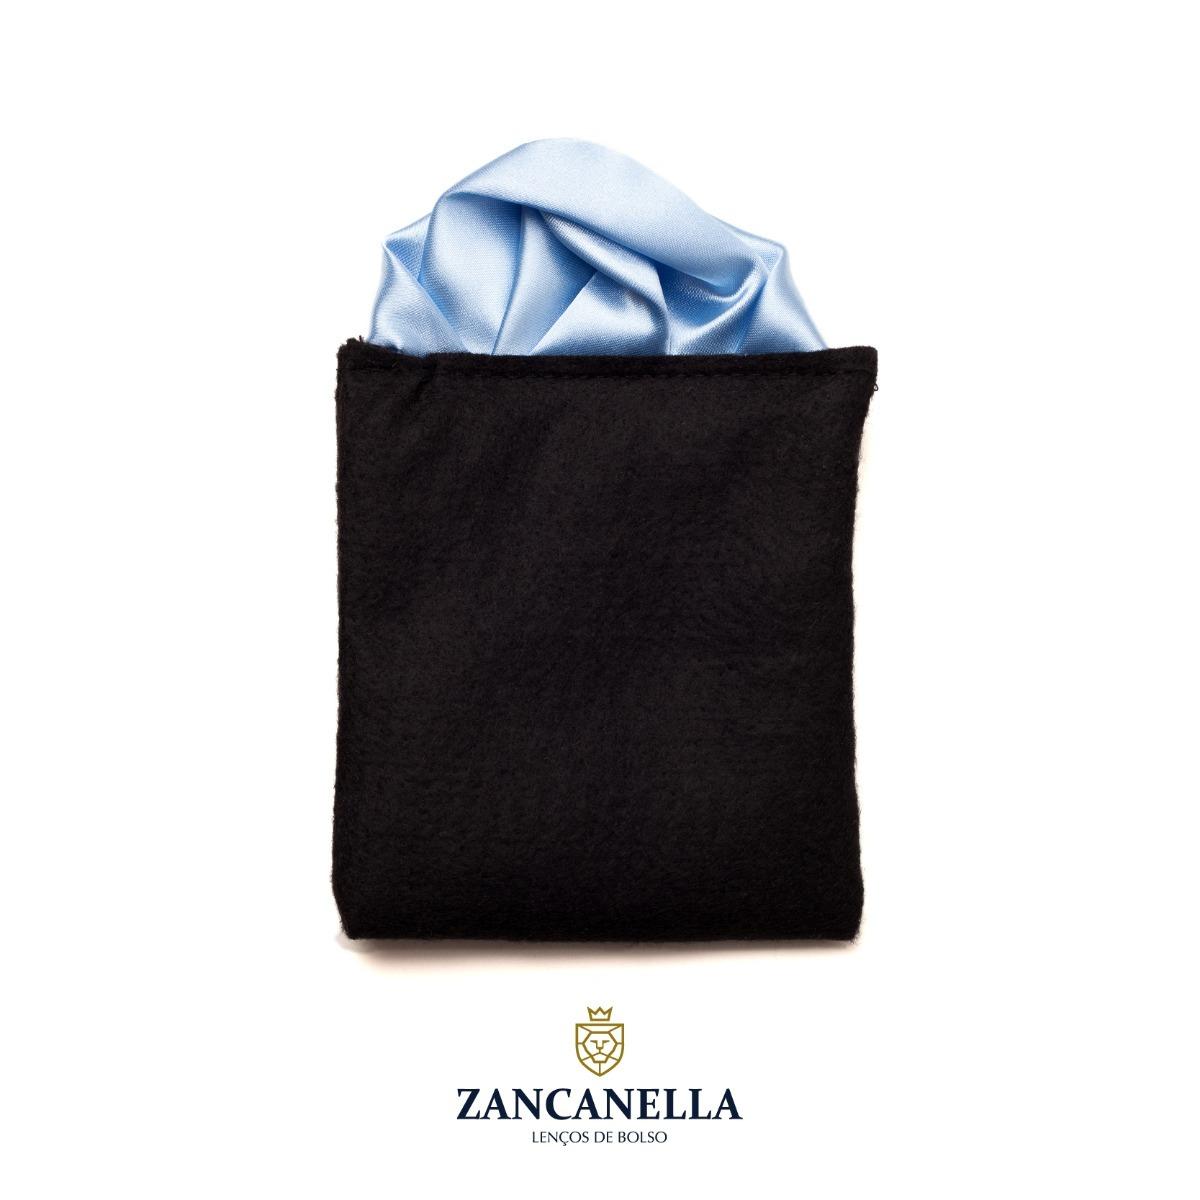 67748533ccc lenço de bolso dobra feita - puff azul claro. Carregando zoom.